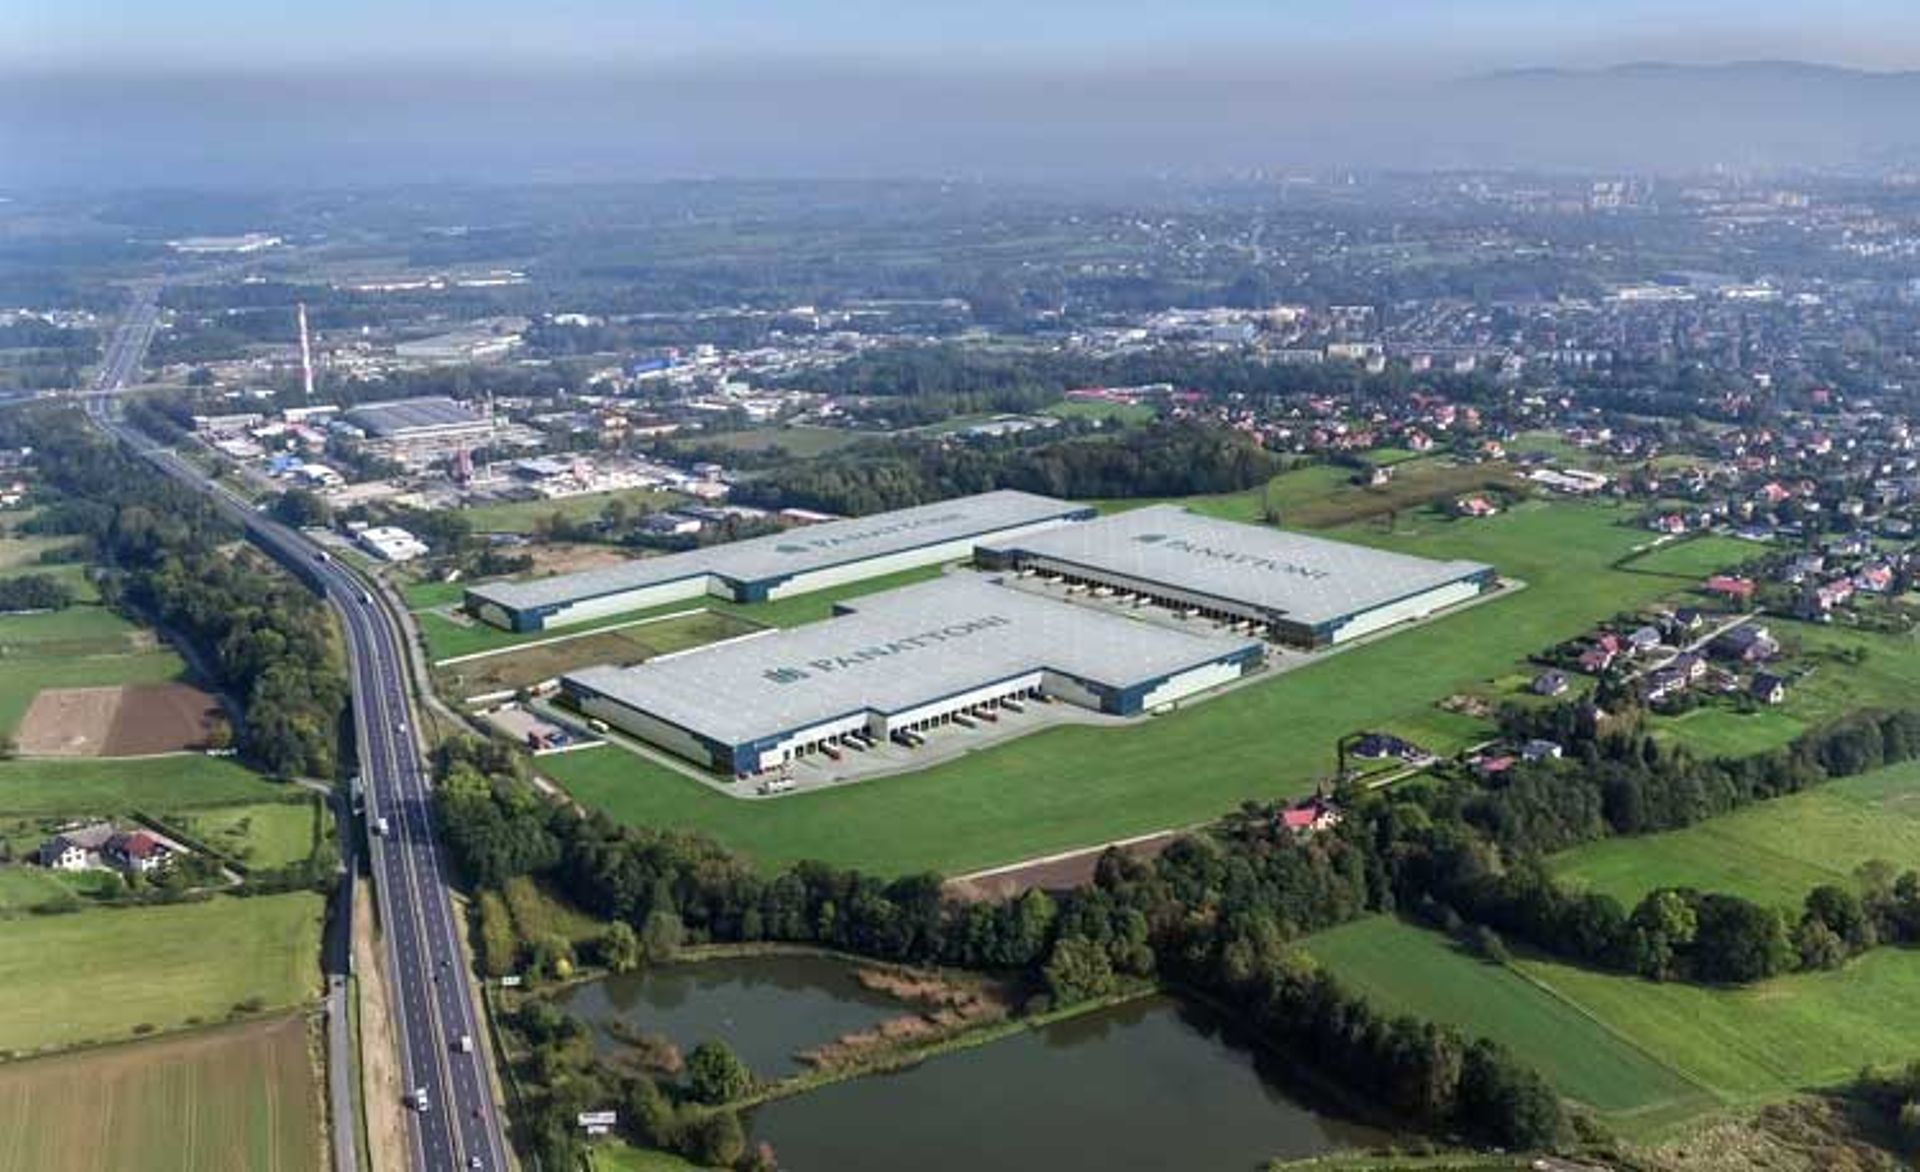 Panattoni buduje w Bielsku-Białej nowy park magazynowy o powierzchni blisko 100 000 mkw.